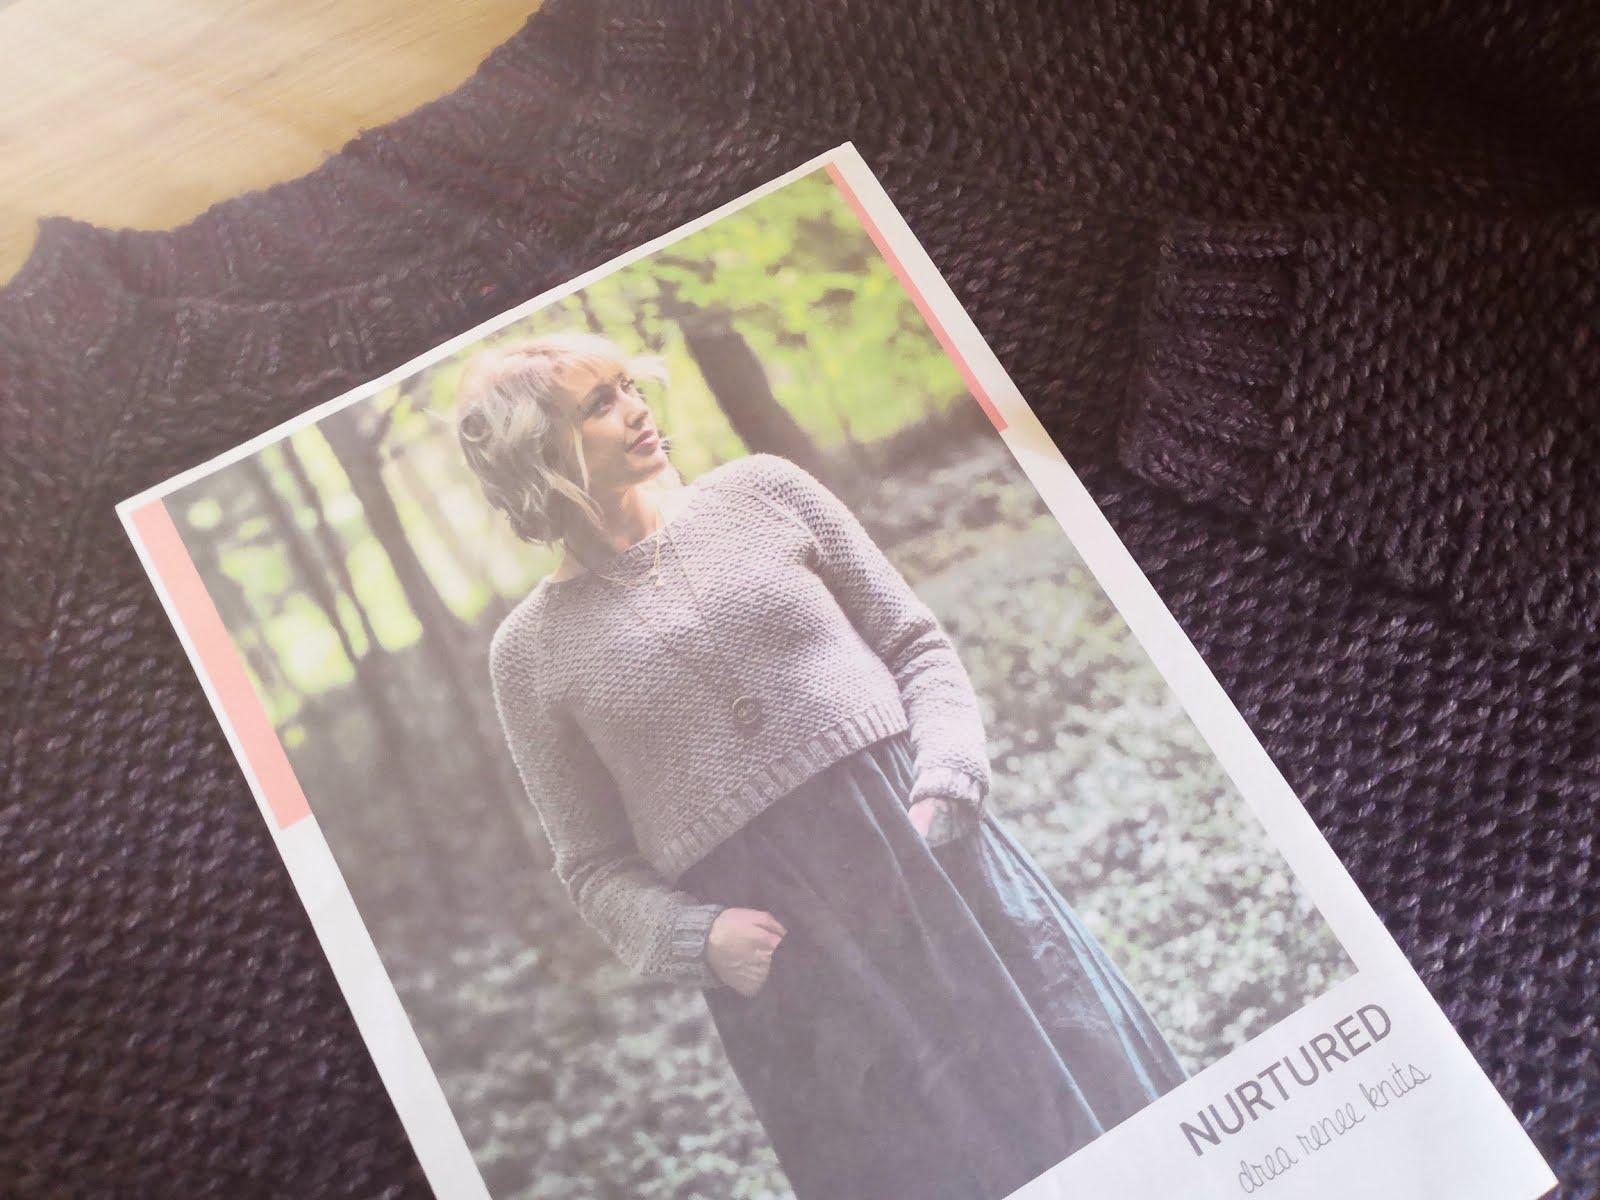 Nurtured Sweater Pattern Review